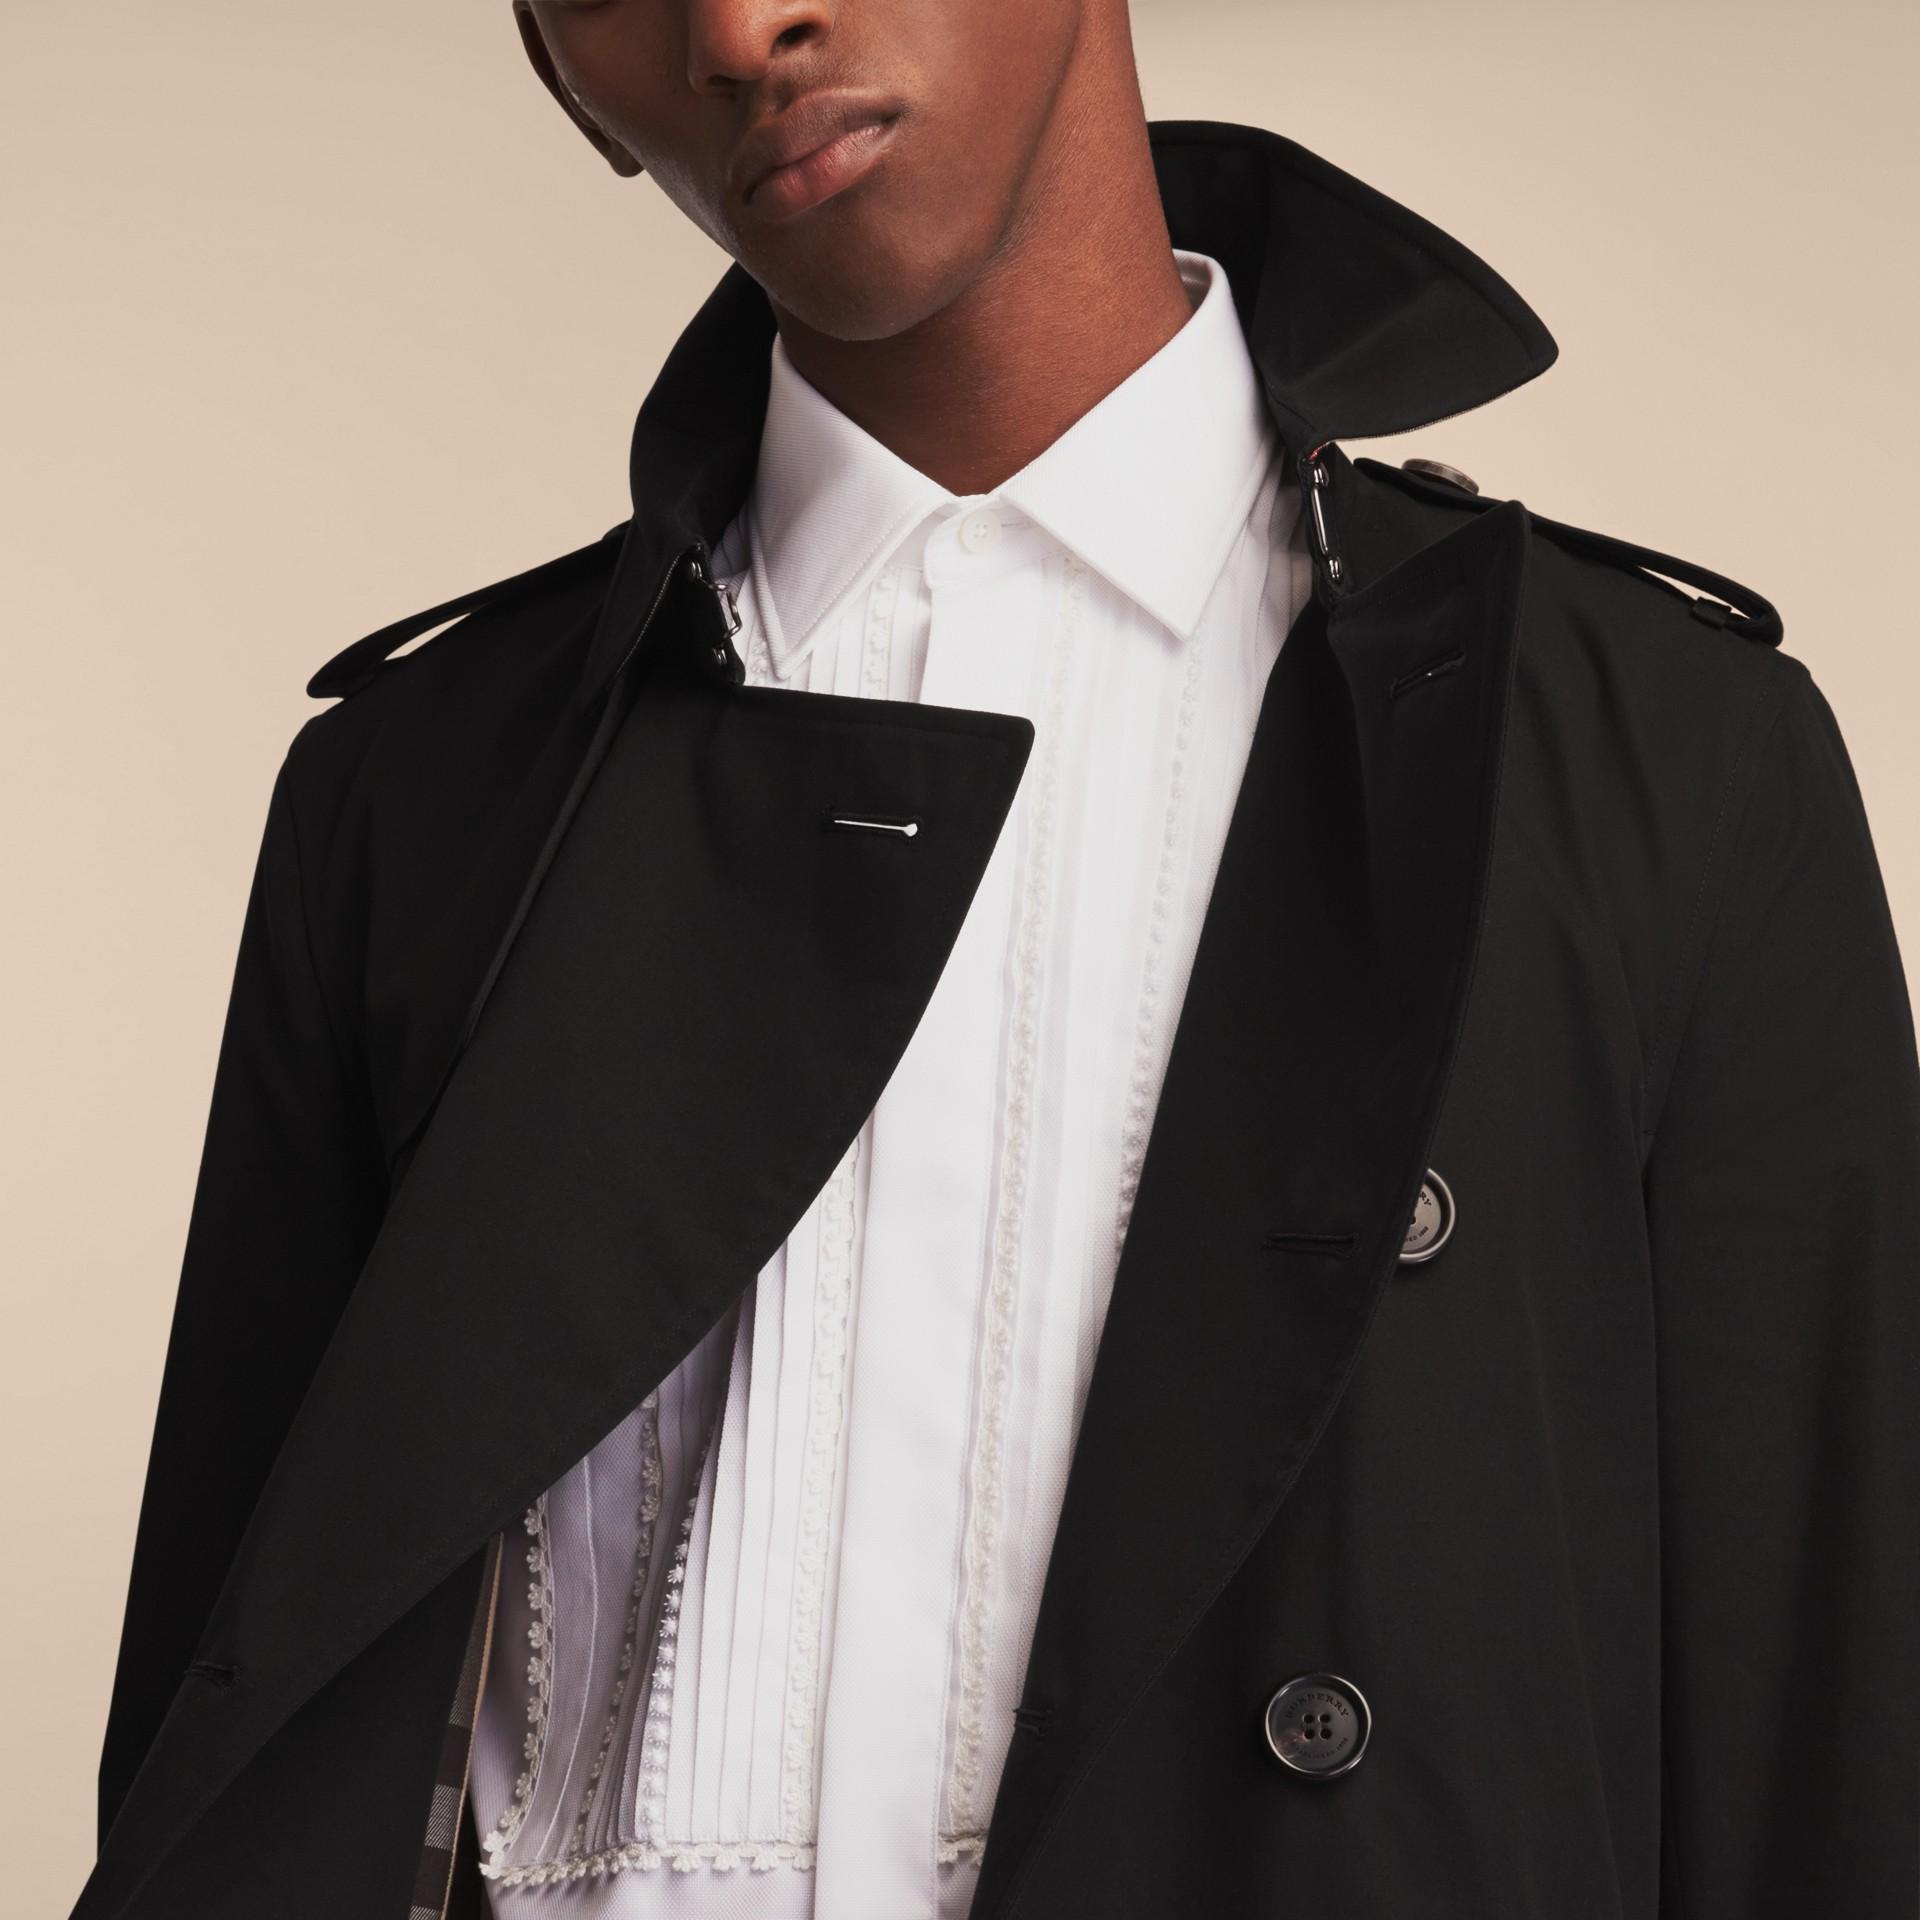 黑色 The Sandringham - 中長版 Heritage 系列風衣 黑色 - 圖庫照片 11